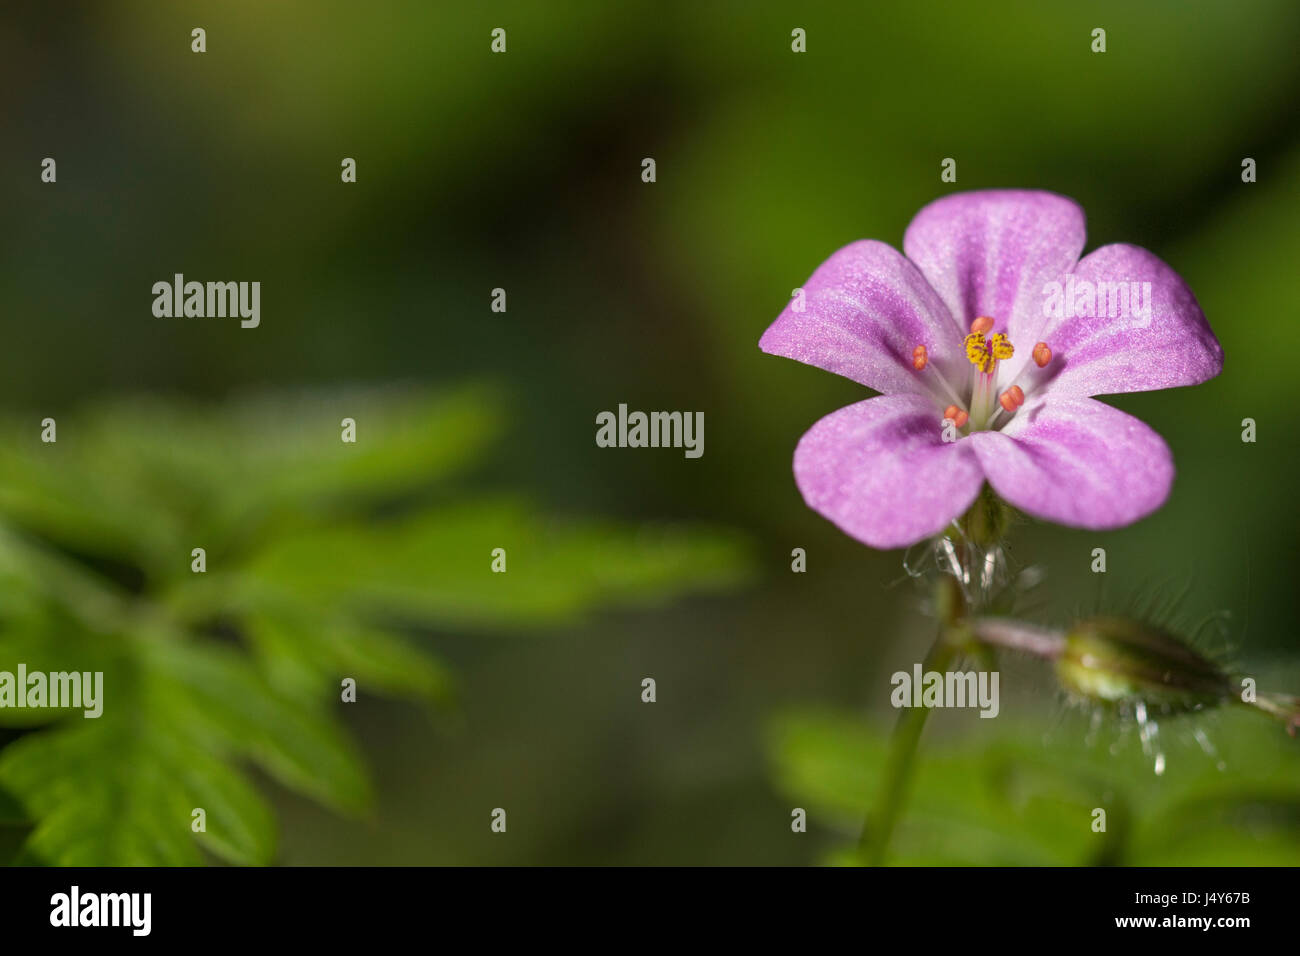 Fiori e fogliame / foglie di herb robert (Geranium robertianum) - precedentemente utilizzate in medicina di erbe. Immagini Stock